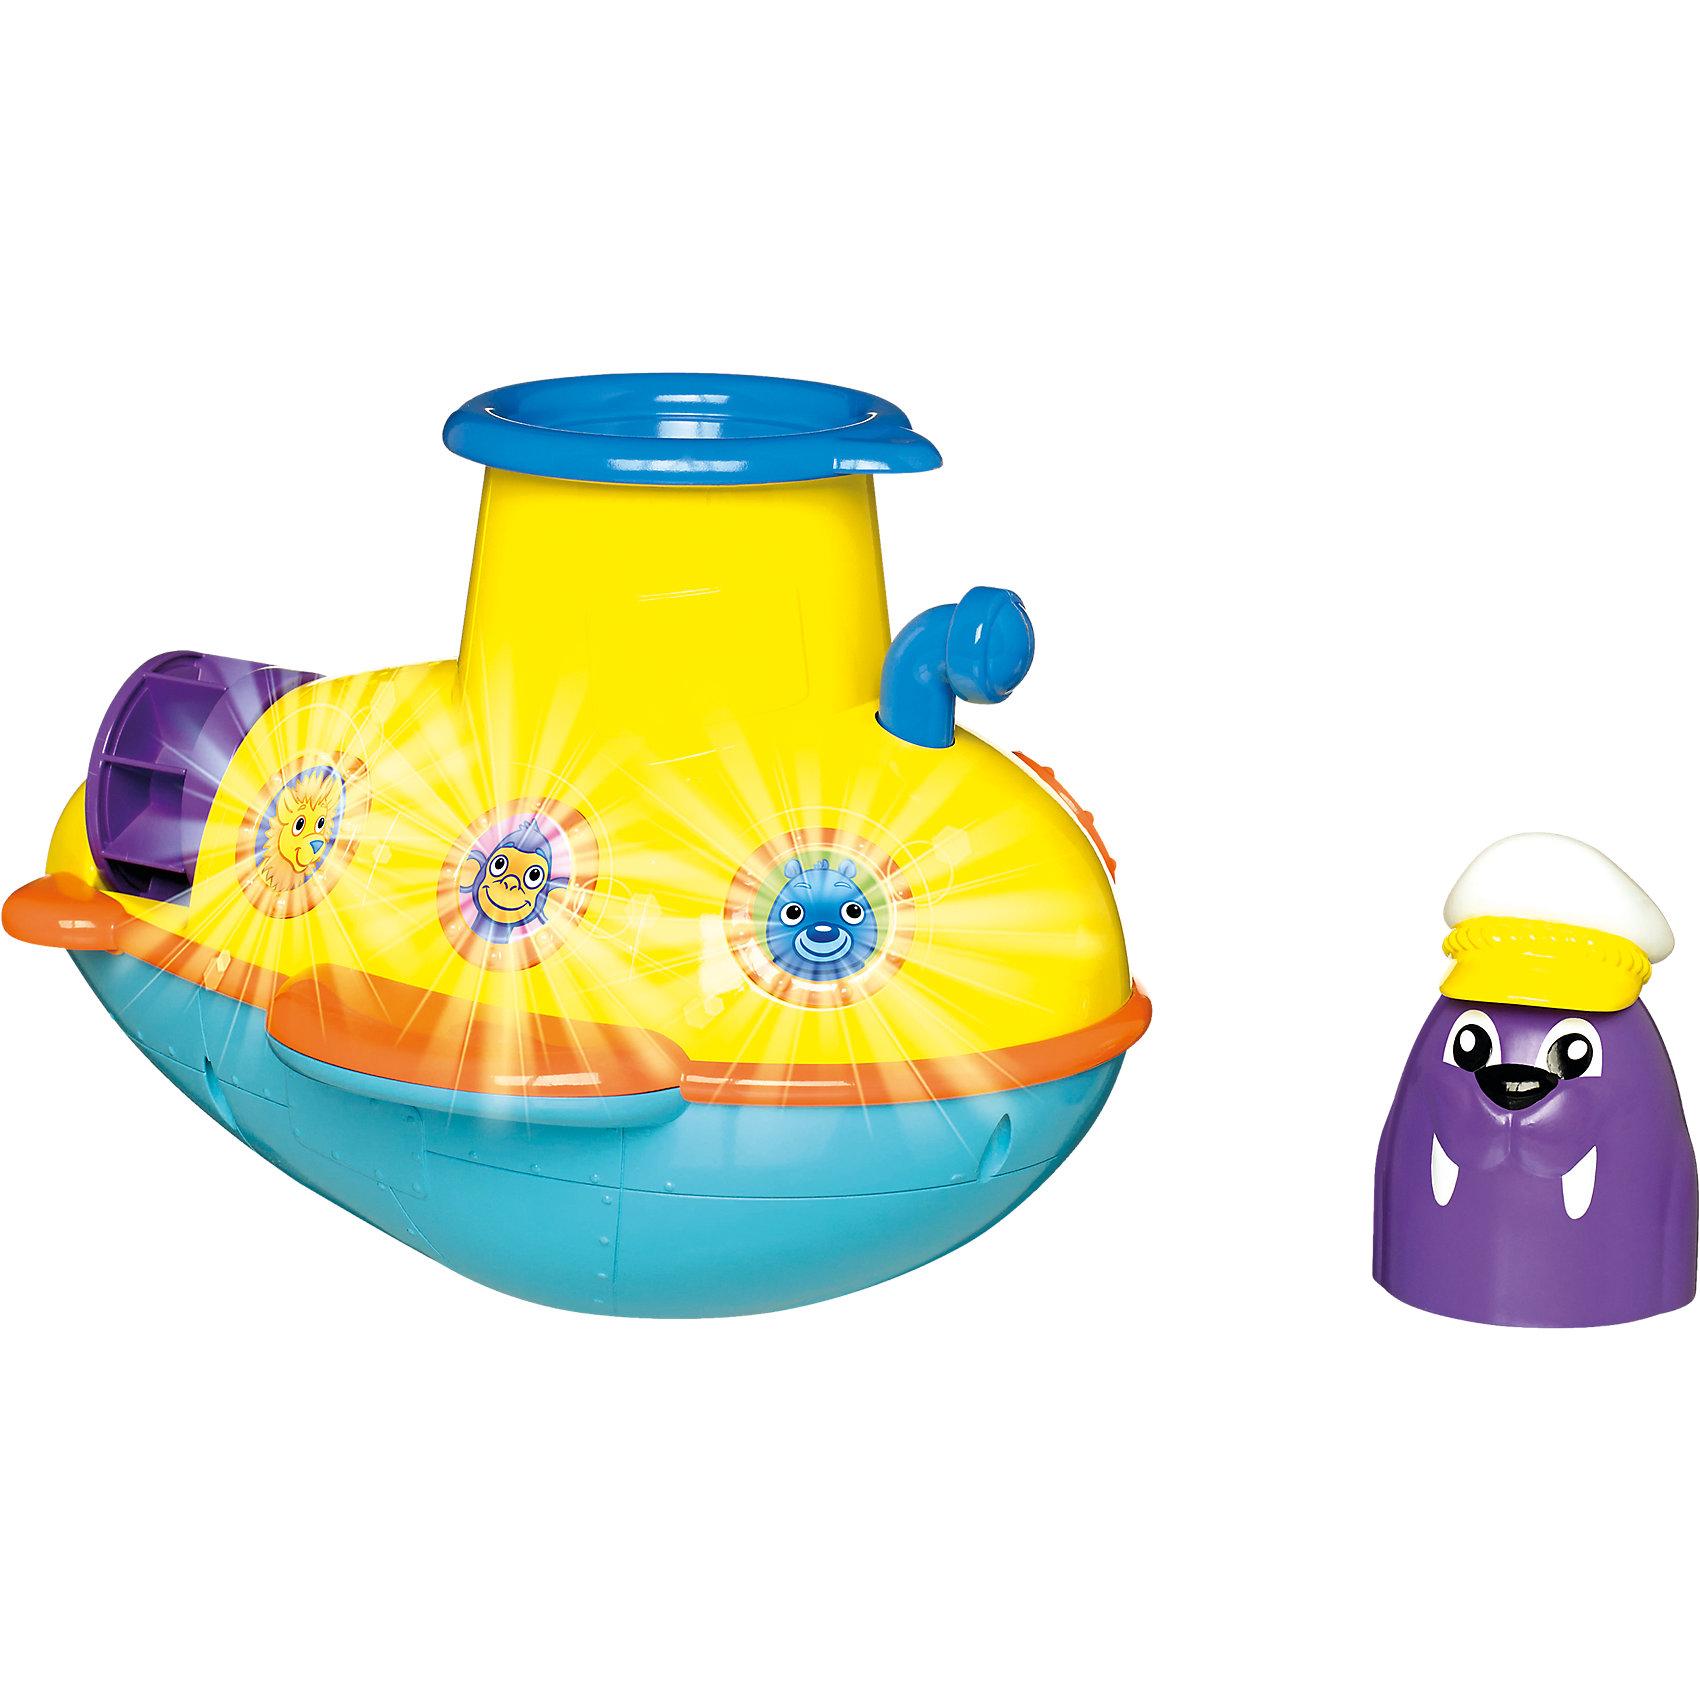 Игрушка  для ванной Подводная лодка, TOMYДинамические игрушки<br>Игрушка для ванны Подводная лодка, Tomy (Томи) - забавная яркая игрушка, которая развлечет малыша во время купания. Красочная лодка под управлением капитана Моржа отправляется в увлекательное исследование морских глубин. Лодка выполнена из качественного пластика и имеет округлую форму без острых углов, удобную для детских ручек. В верхней части лодки находится люк, через который можно увидеть разноцветных рыбок. А если поместить туда капитана моржа и нажать на кнопку запуска он забавно выстрелит в воду. Нажмите на перископ и лодка будет играть веселые морские мелодии и издавать реалистичные морские звуки. Переднее окошко подсвечивается, так что малыш сможет наблюдать за приключениями лодки под водой.<br><br>Дополнительная информация:<br><br>- В комплекте: подводная лодка, фигурка капитана моржа.<br>- Материал: пластик.<br>- Требуются батарейки: 3 х AAA (входят в комплект).<br>- Размер игрушки: 16,6 x 21,8 x 15,4 см. <br>- Вес: 0,54 кг.<br><br> Игрушку для ванны Подводная лодка, Tomy (Томи), можно купить в нашем интернет-магазине.<br><br>Ширина мм: 267<br>Глубина мм: 223<br>Высота мм: 198<br>Вес г: 800<br>Возраст от месяцев: 18<br>Возраст до месяцев: 36<br>Пол: Унисекс<br>Возраст: Детский<br>SKU: 3965960